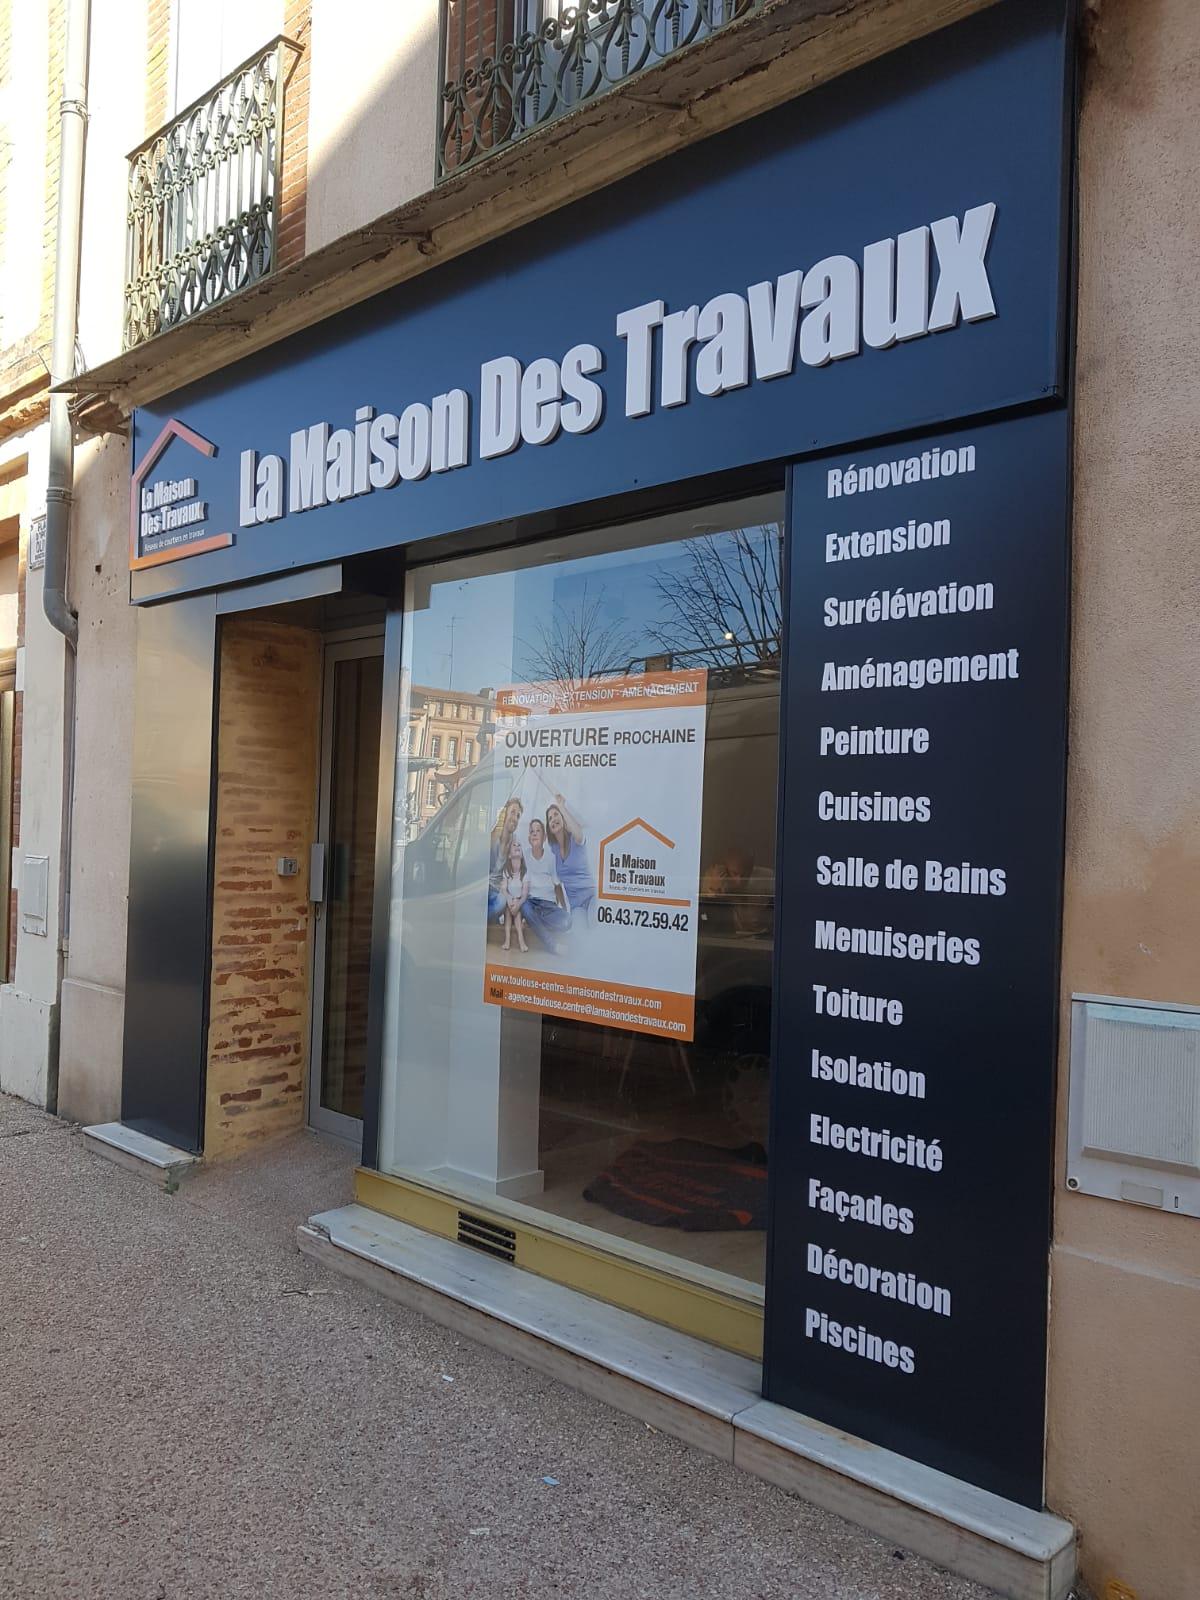 Enseigne Toulouse La maison des travaux signalétique lettres découpées enseigniste Toulouse